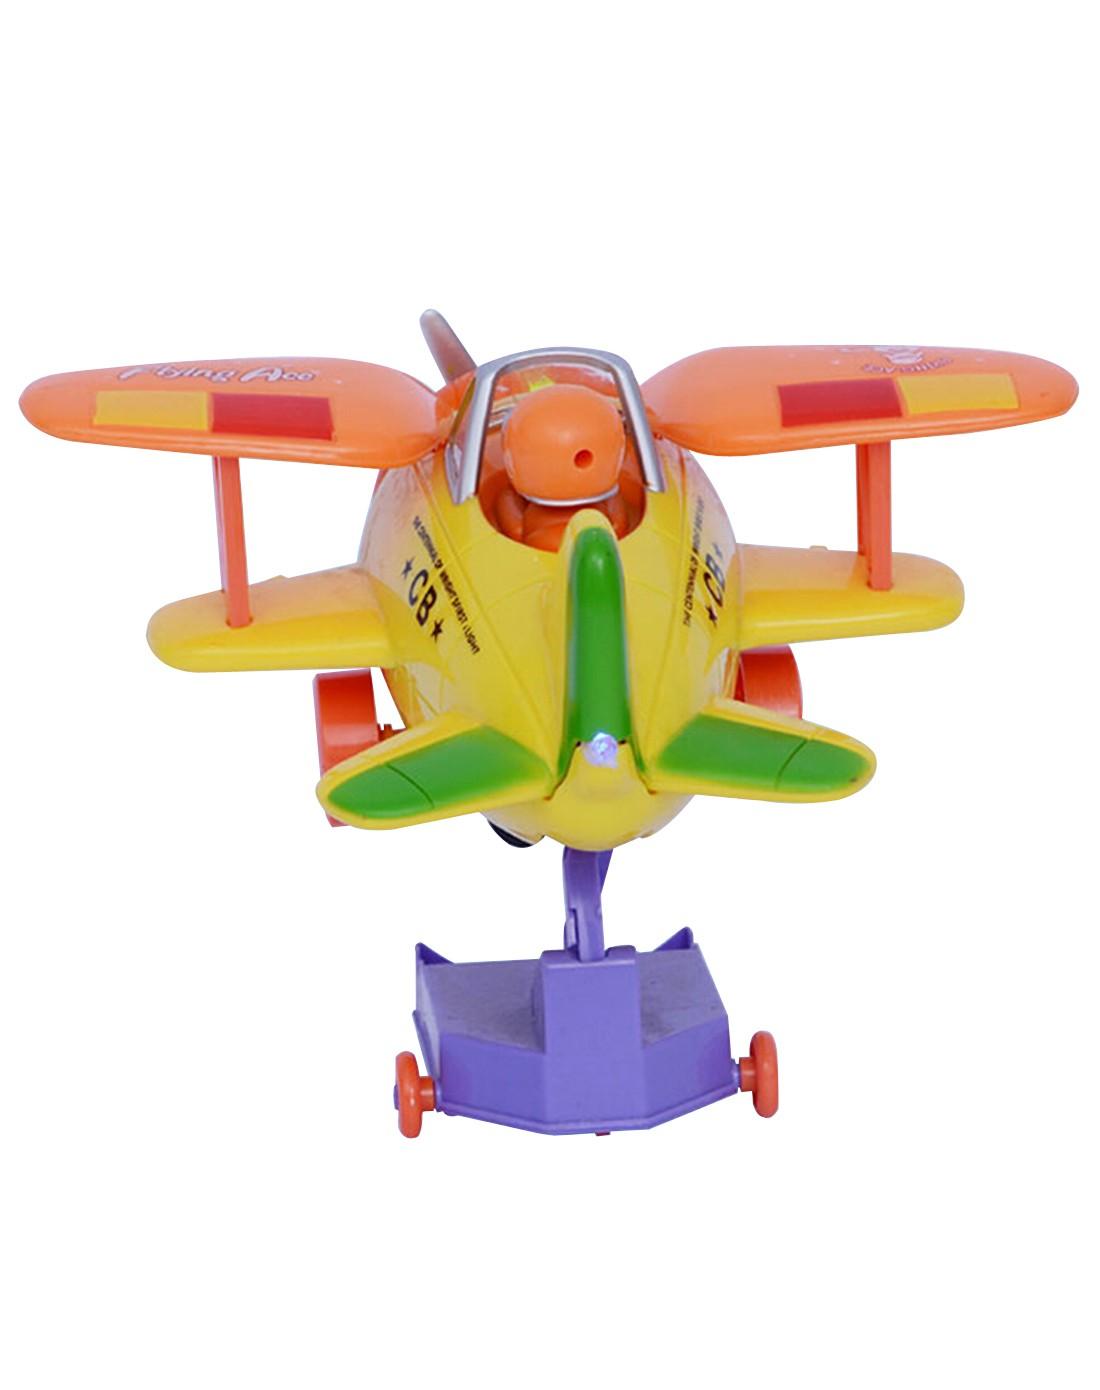 优代 奇妙飞机卡通音乐小飞机儿童玩具飞机